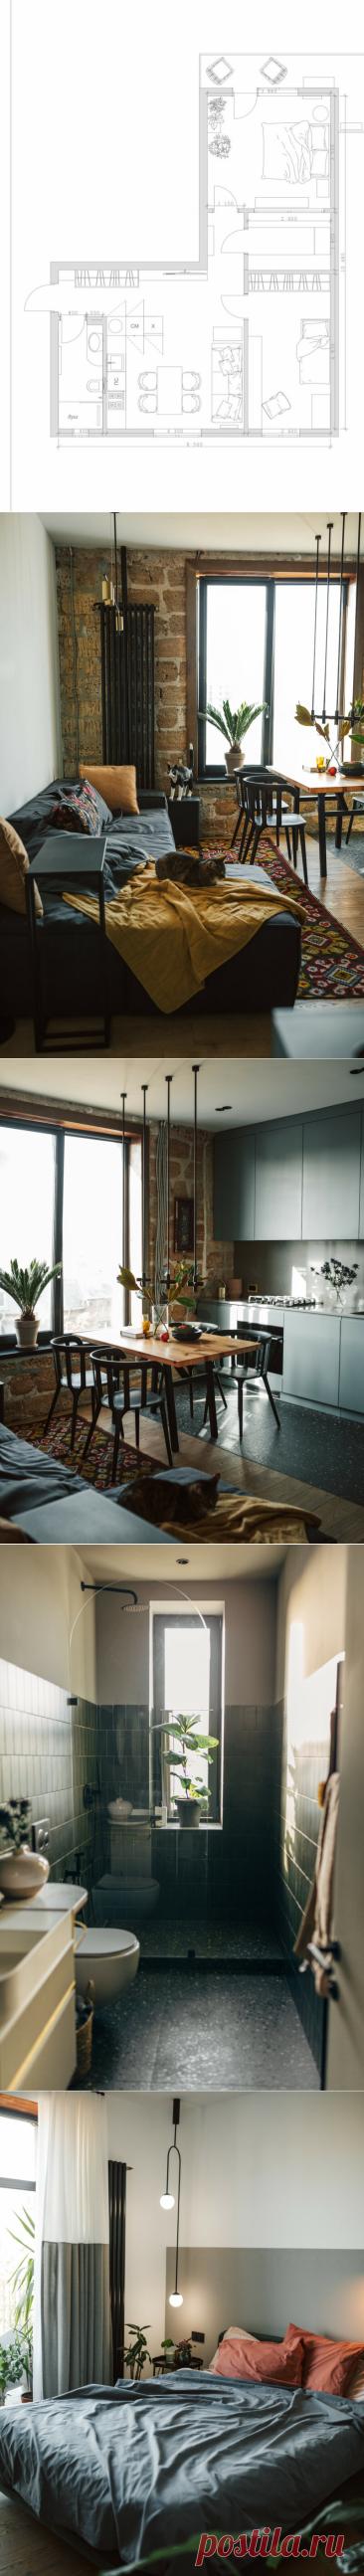 Квартира, которую дизайнер оформила сама для себя: евротрёшка 66 м² с полной перепланировкой в старом фонде | Филдс | Яндекс Дзен